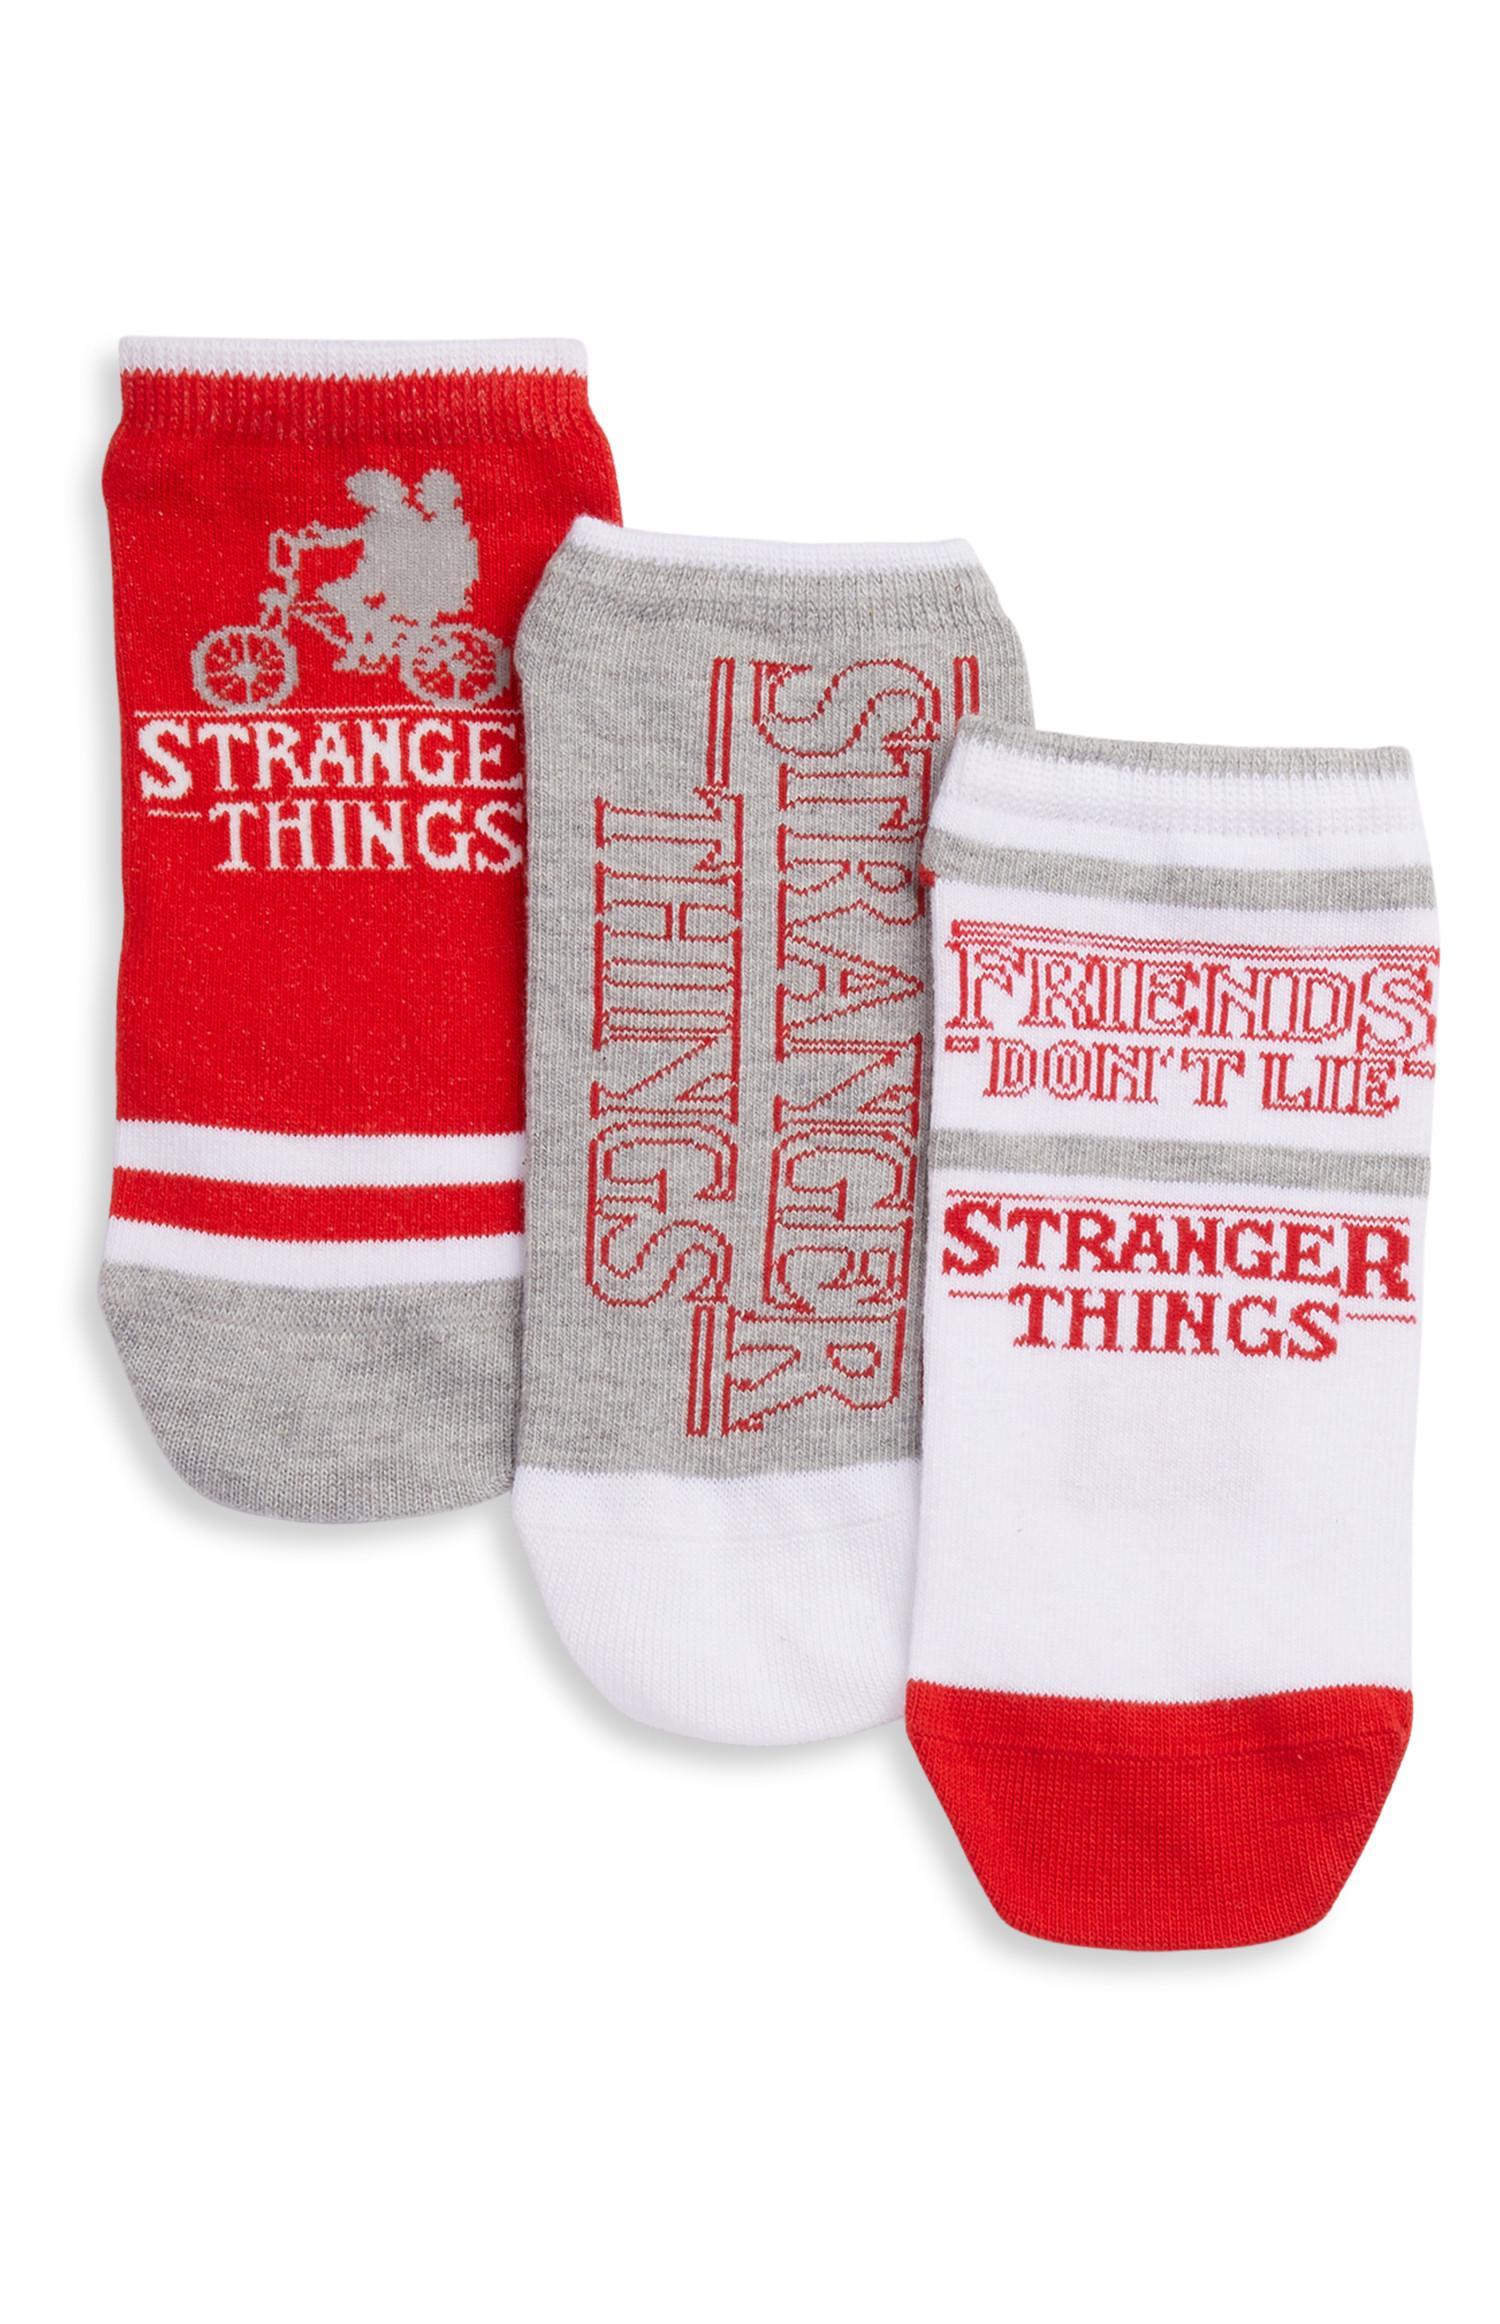 Stranger Things Lot de 3 paires de chaussettes pour femme